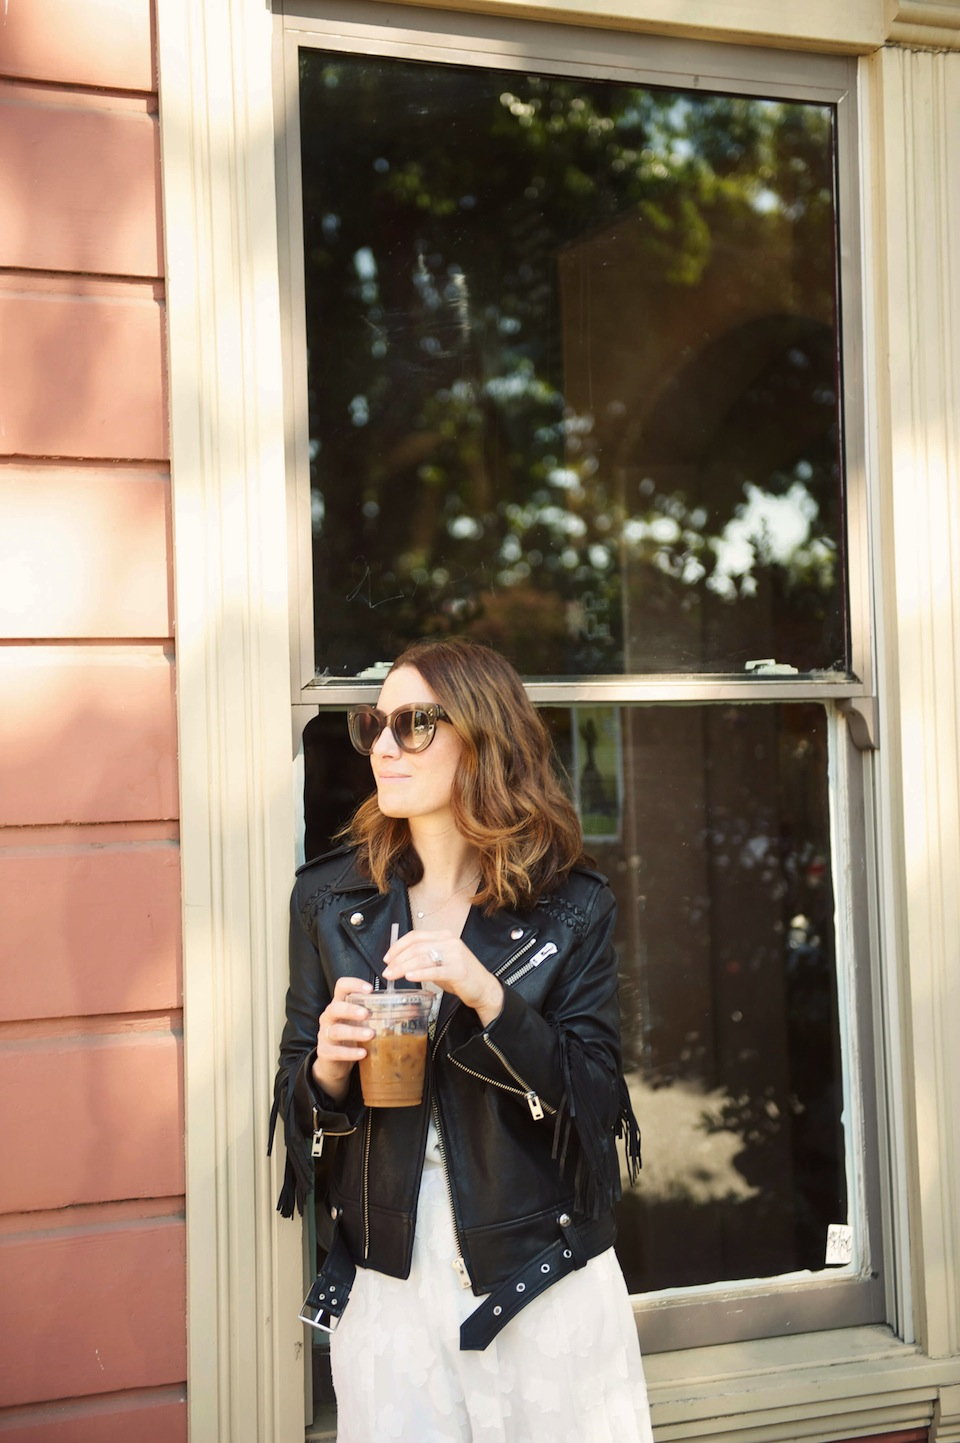 iro leather jacket with fringes